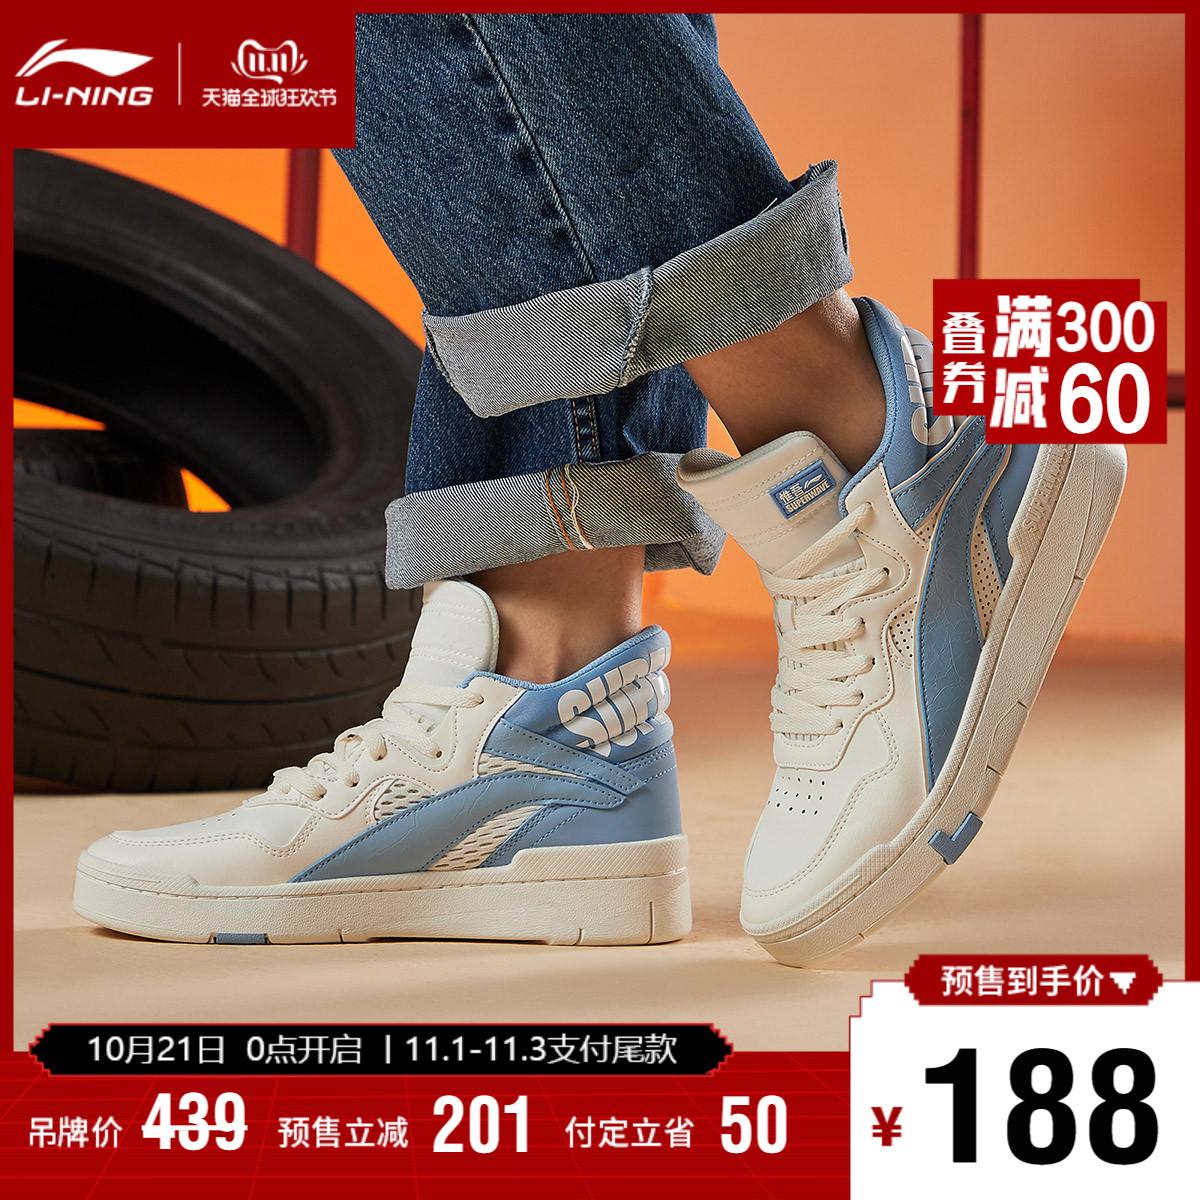 双11预售李宁休闲鞋女鞋迪士尼板鞋官网惟吾SUPERWAVE中帮平板鞋图片